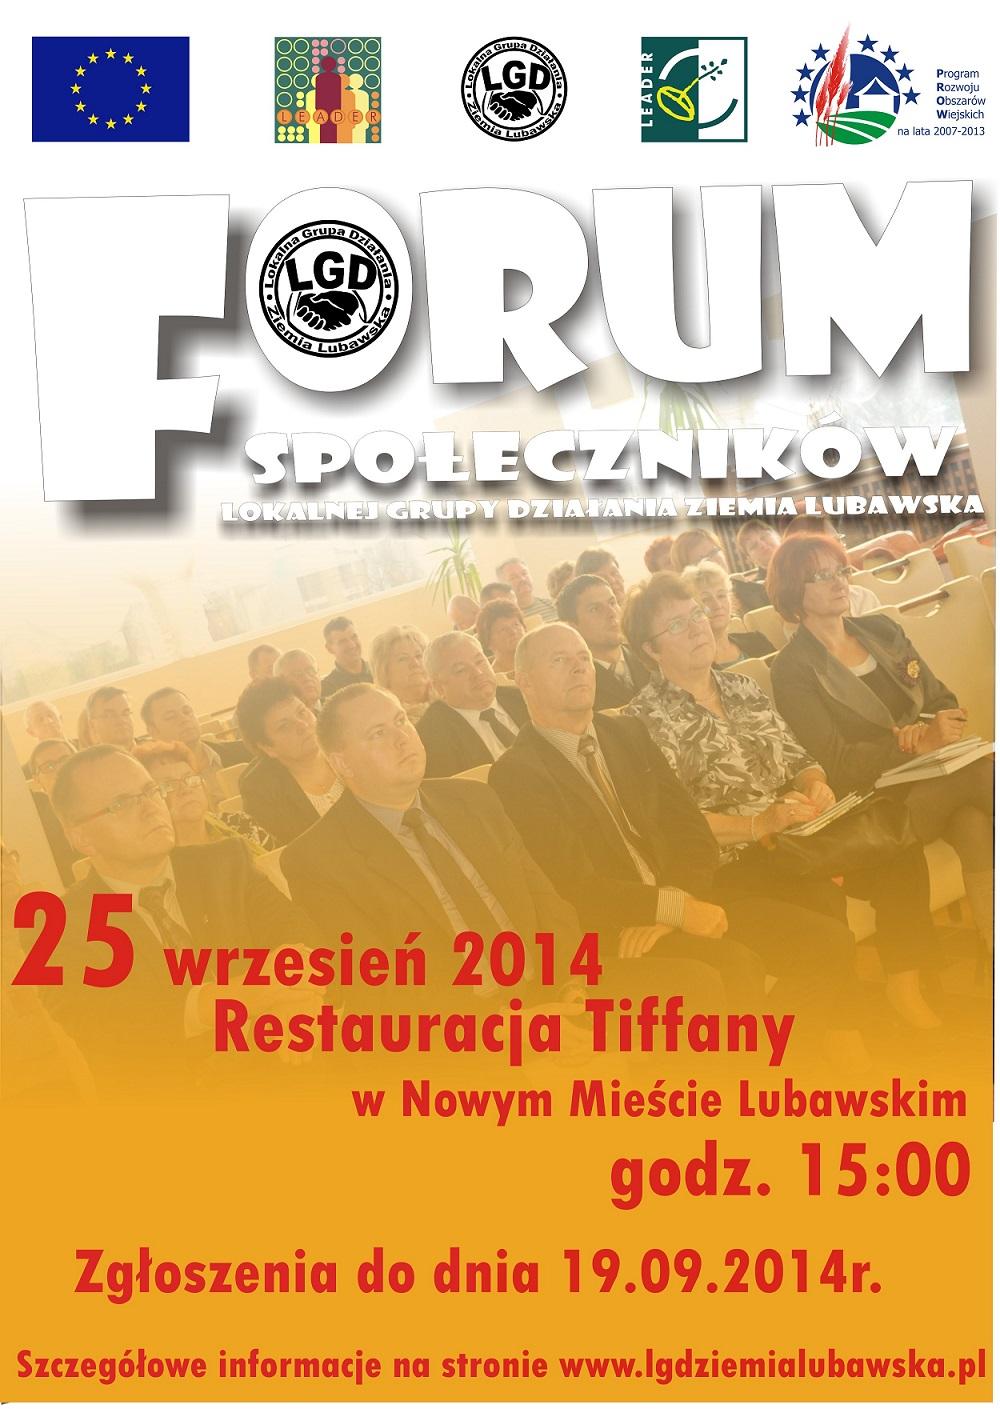 Forum Społeczników 2014